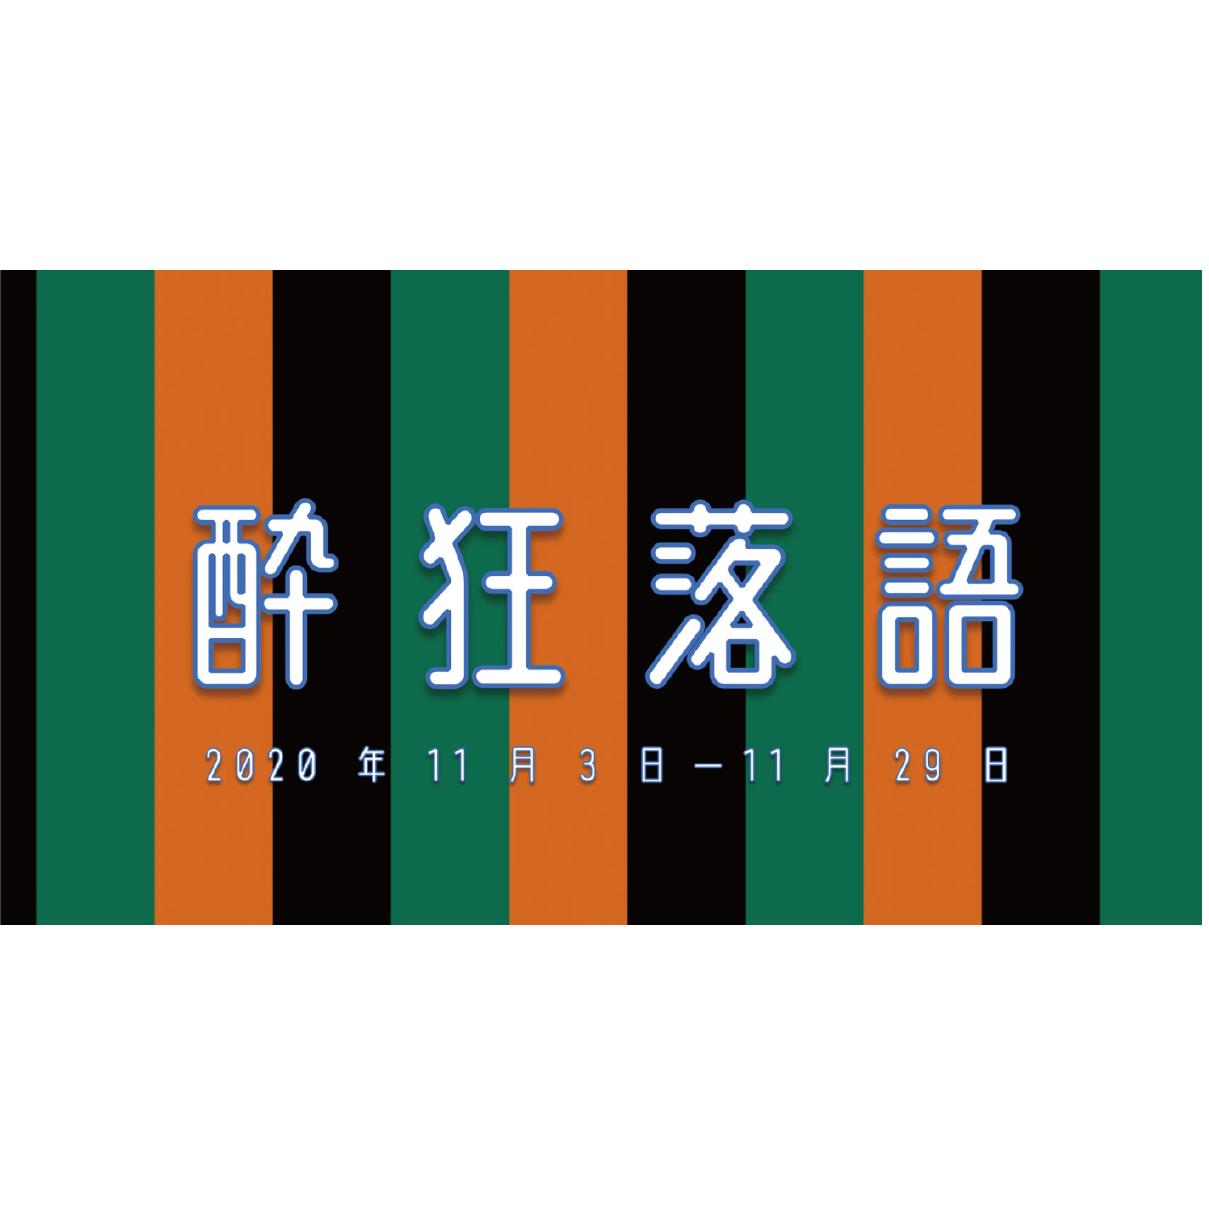 【11月7日(土)18:00】酔狂落語【生田輝×富田麻帆】